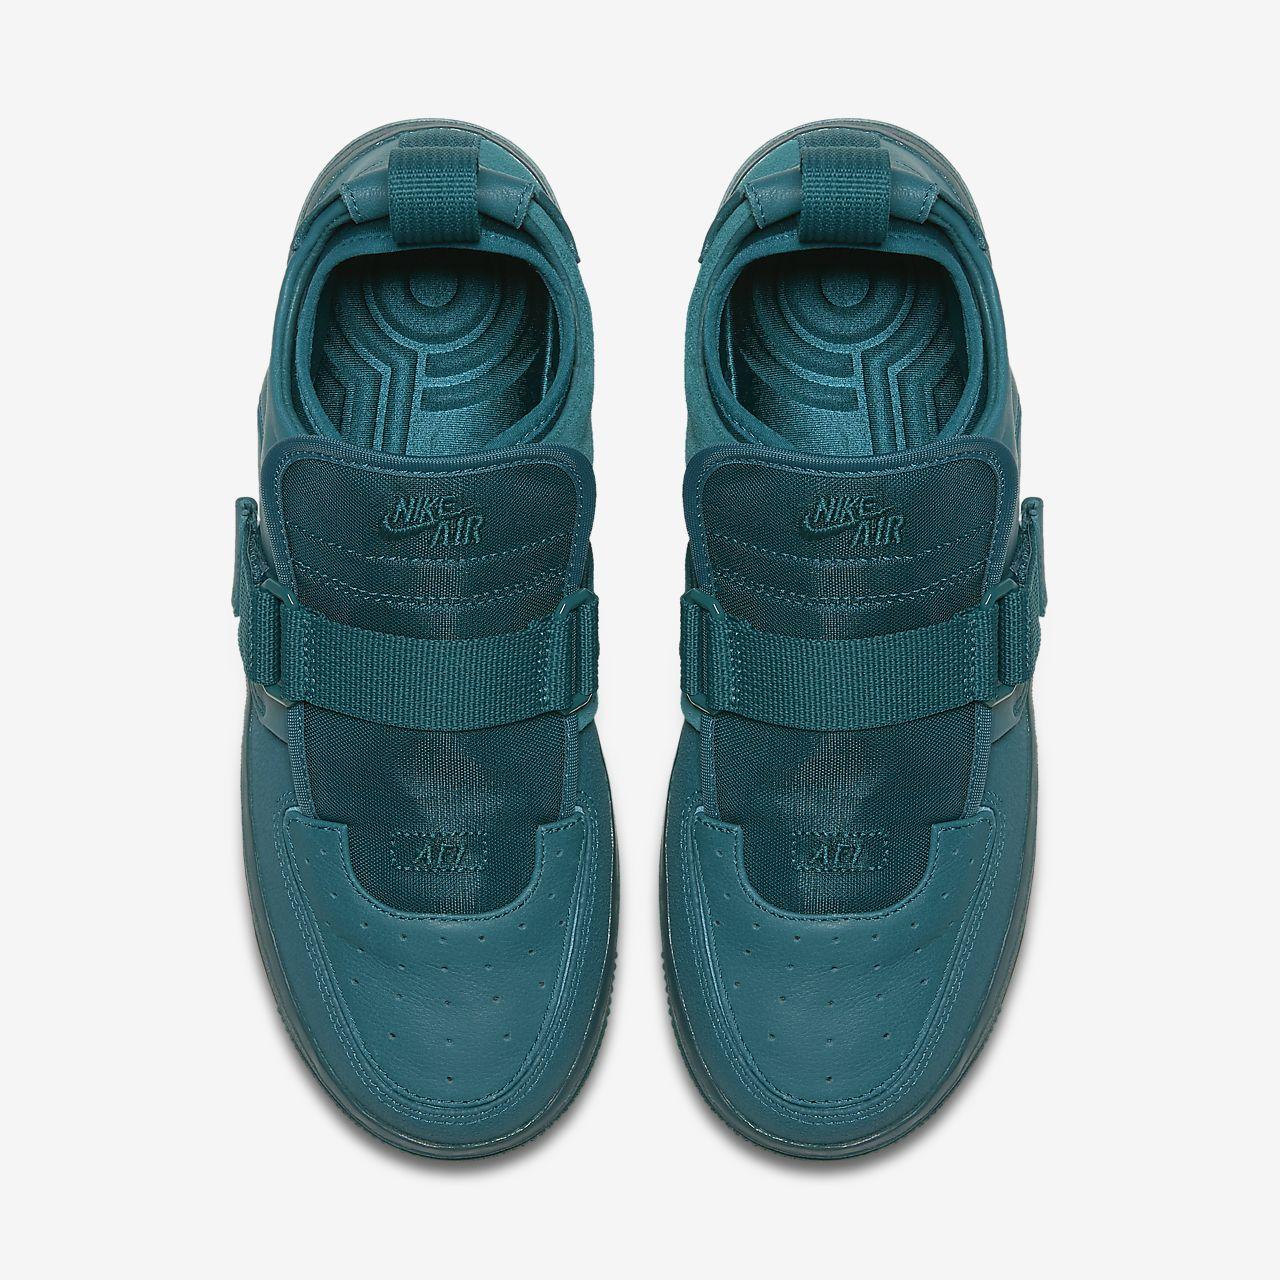 ccd5d68a55f Calzado de running para mujer Nike AF1 Explorer XX. Nike.com MX